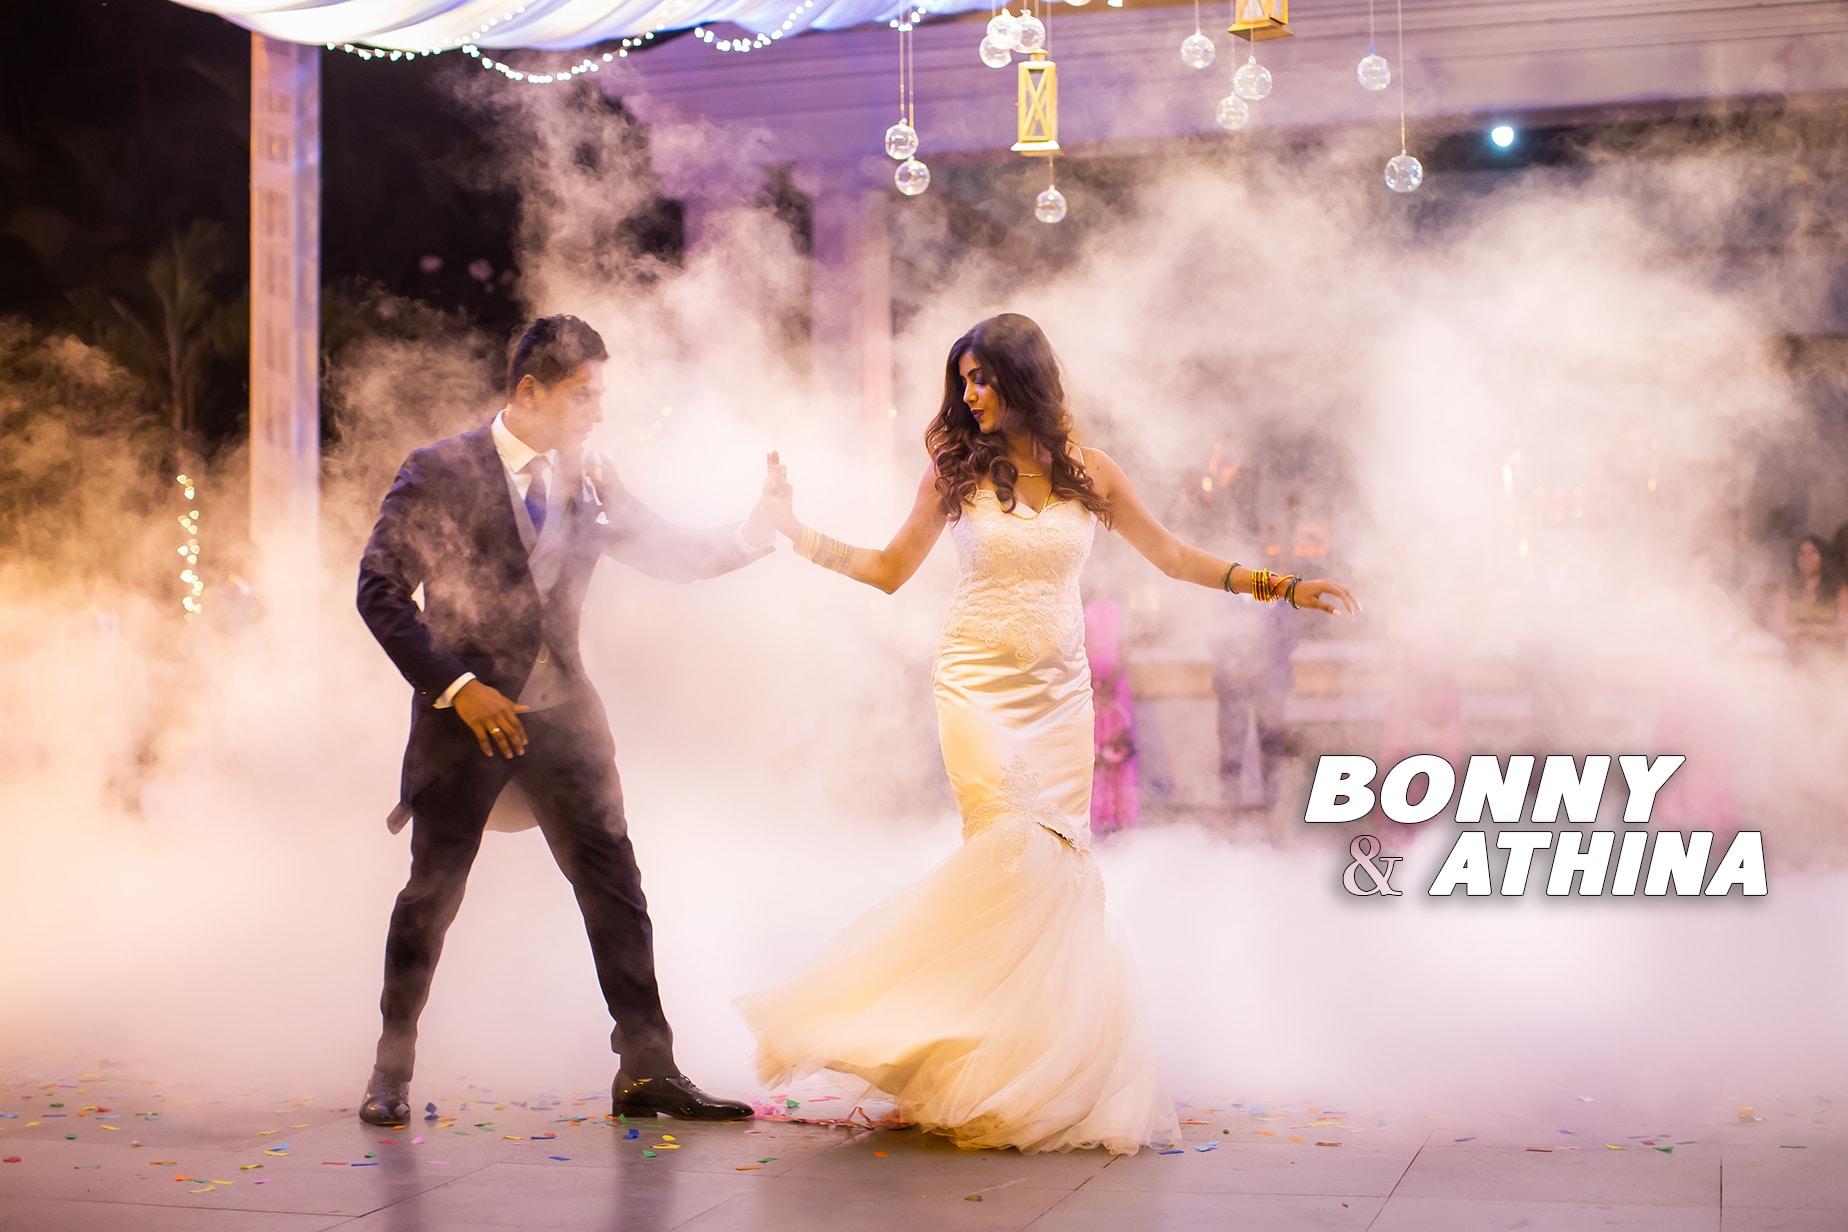 Bonny and Athina